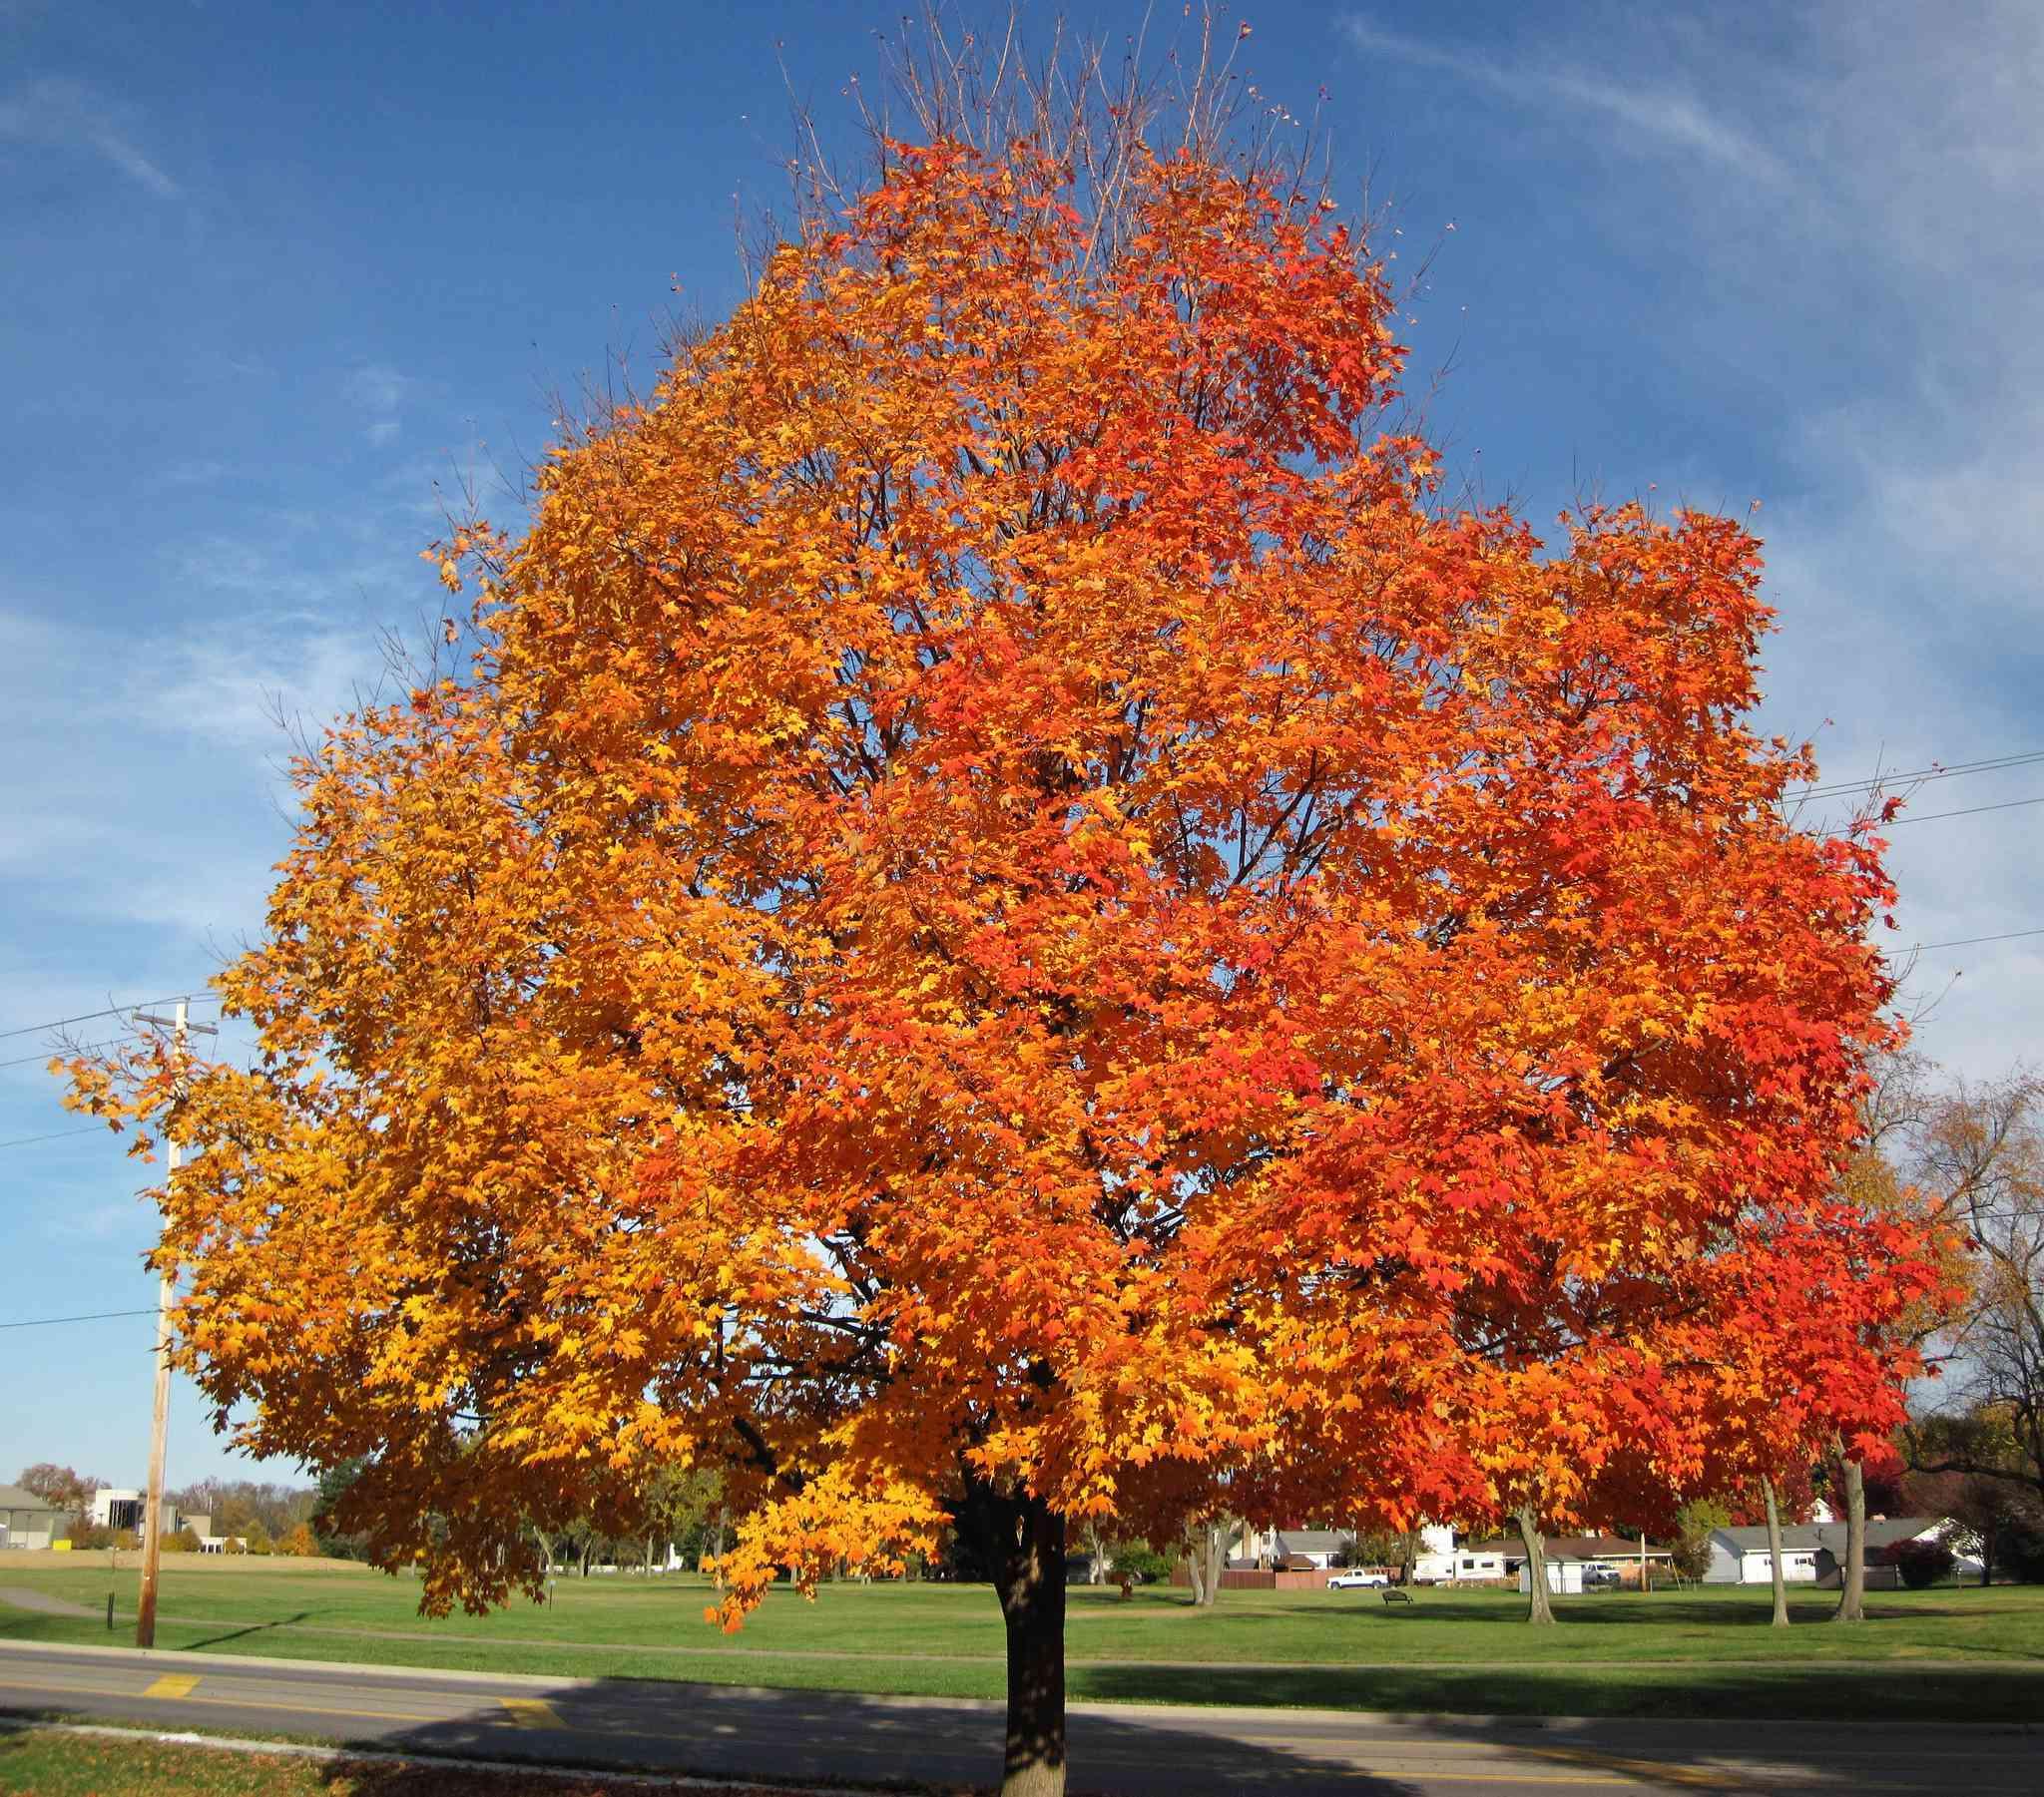 sugar maple, Acer saccharum, in Ohio